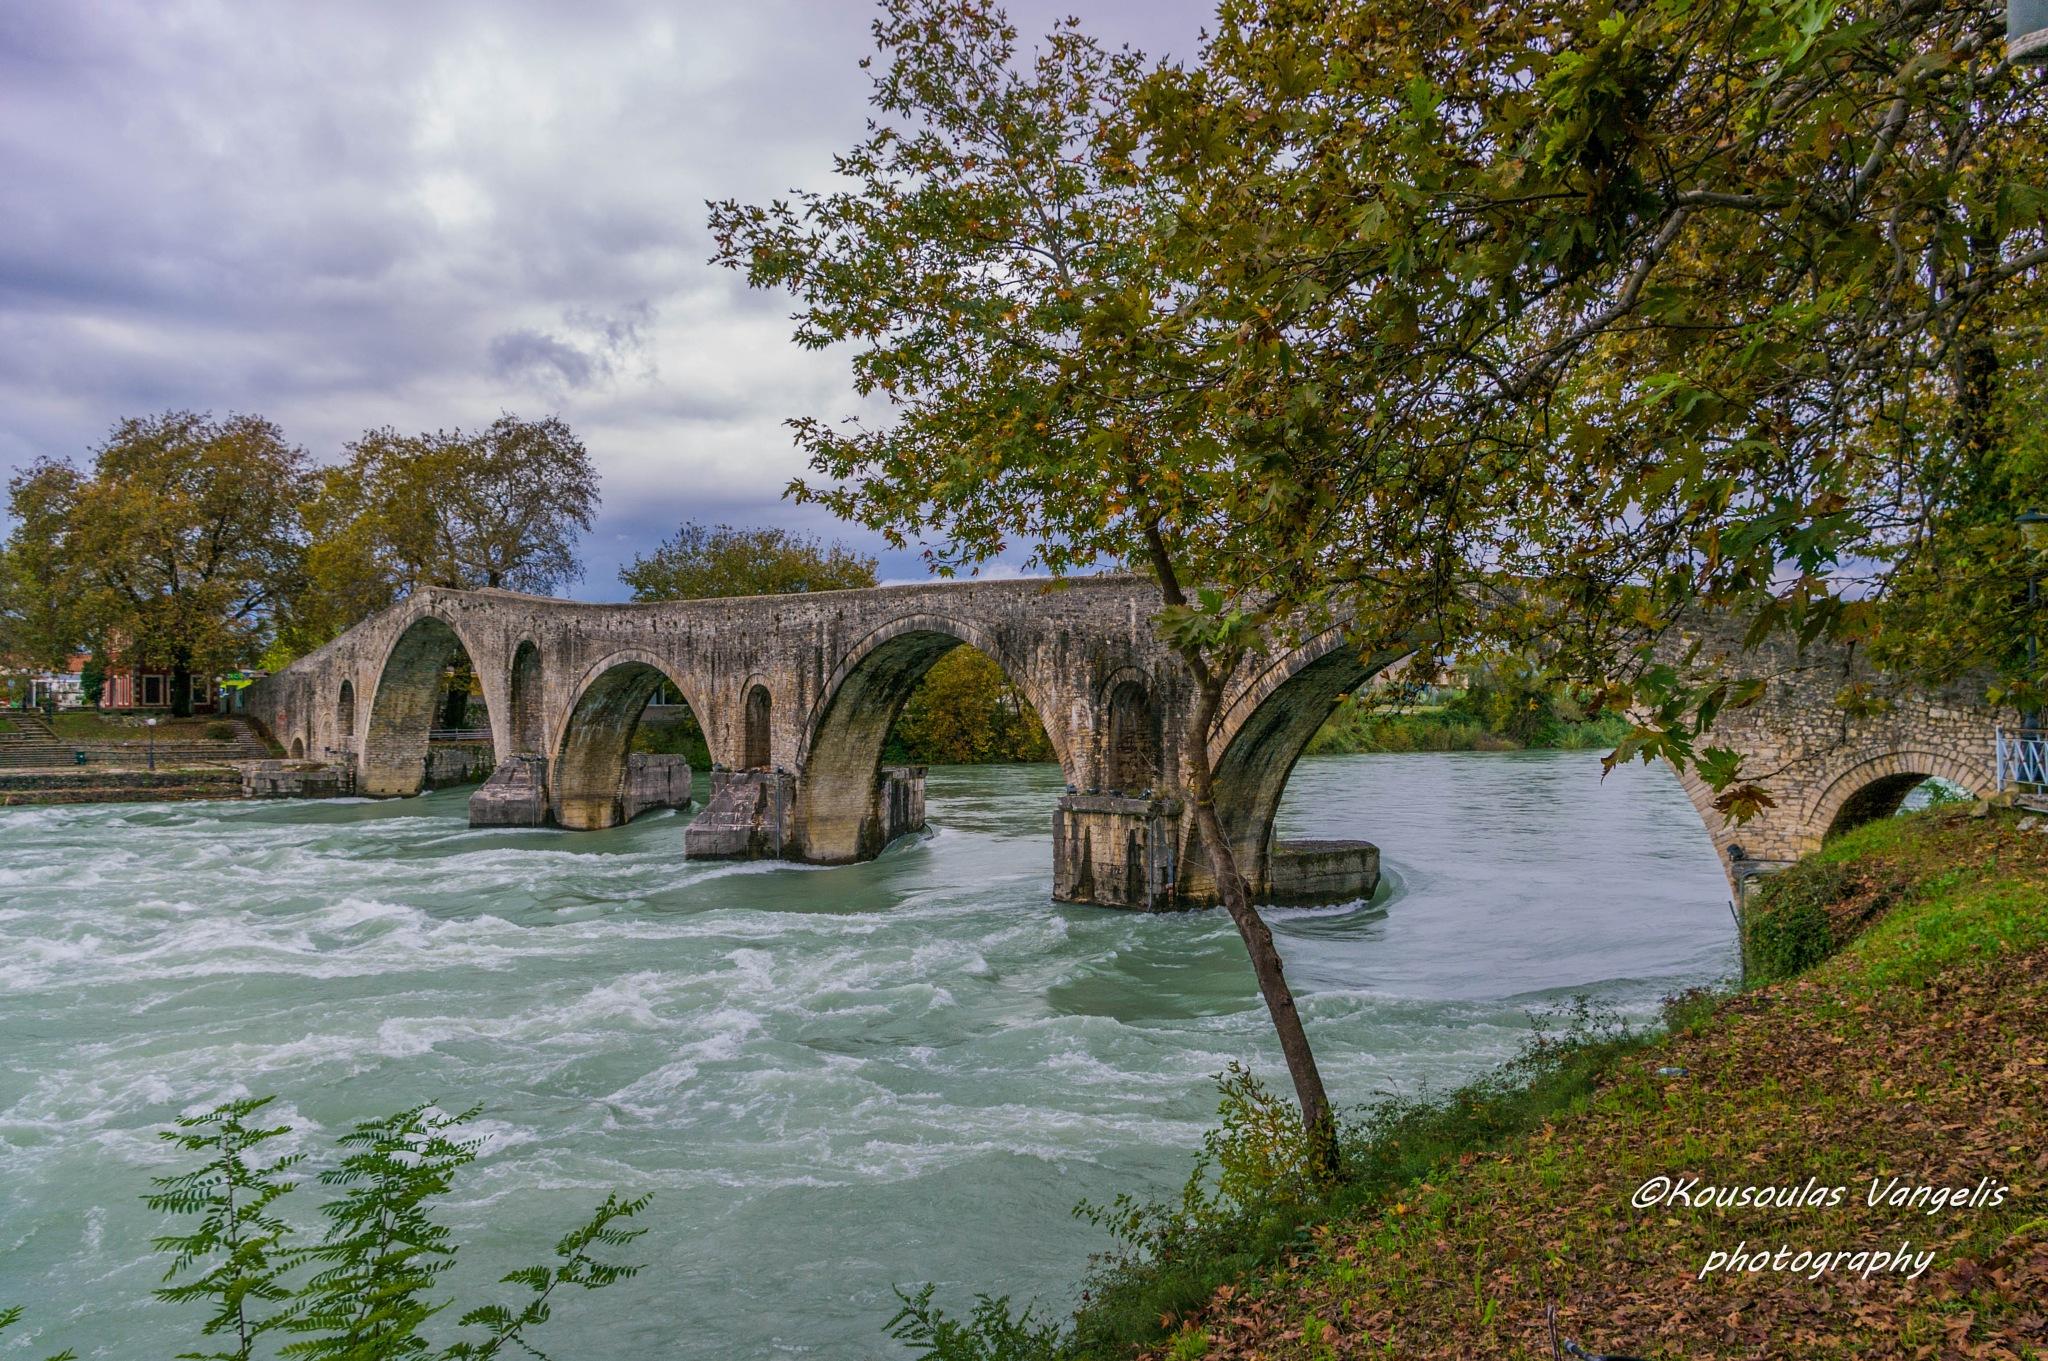 The bridge of Arta by kousoulas vangelis